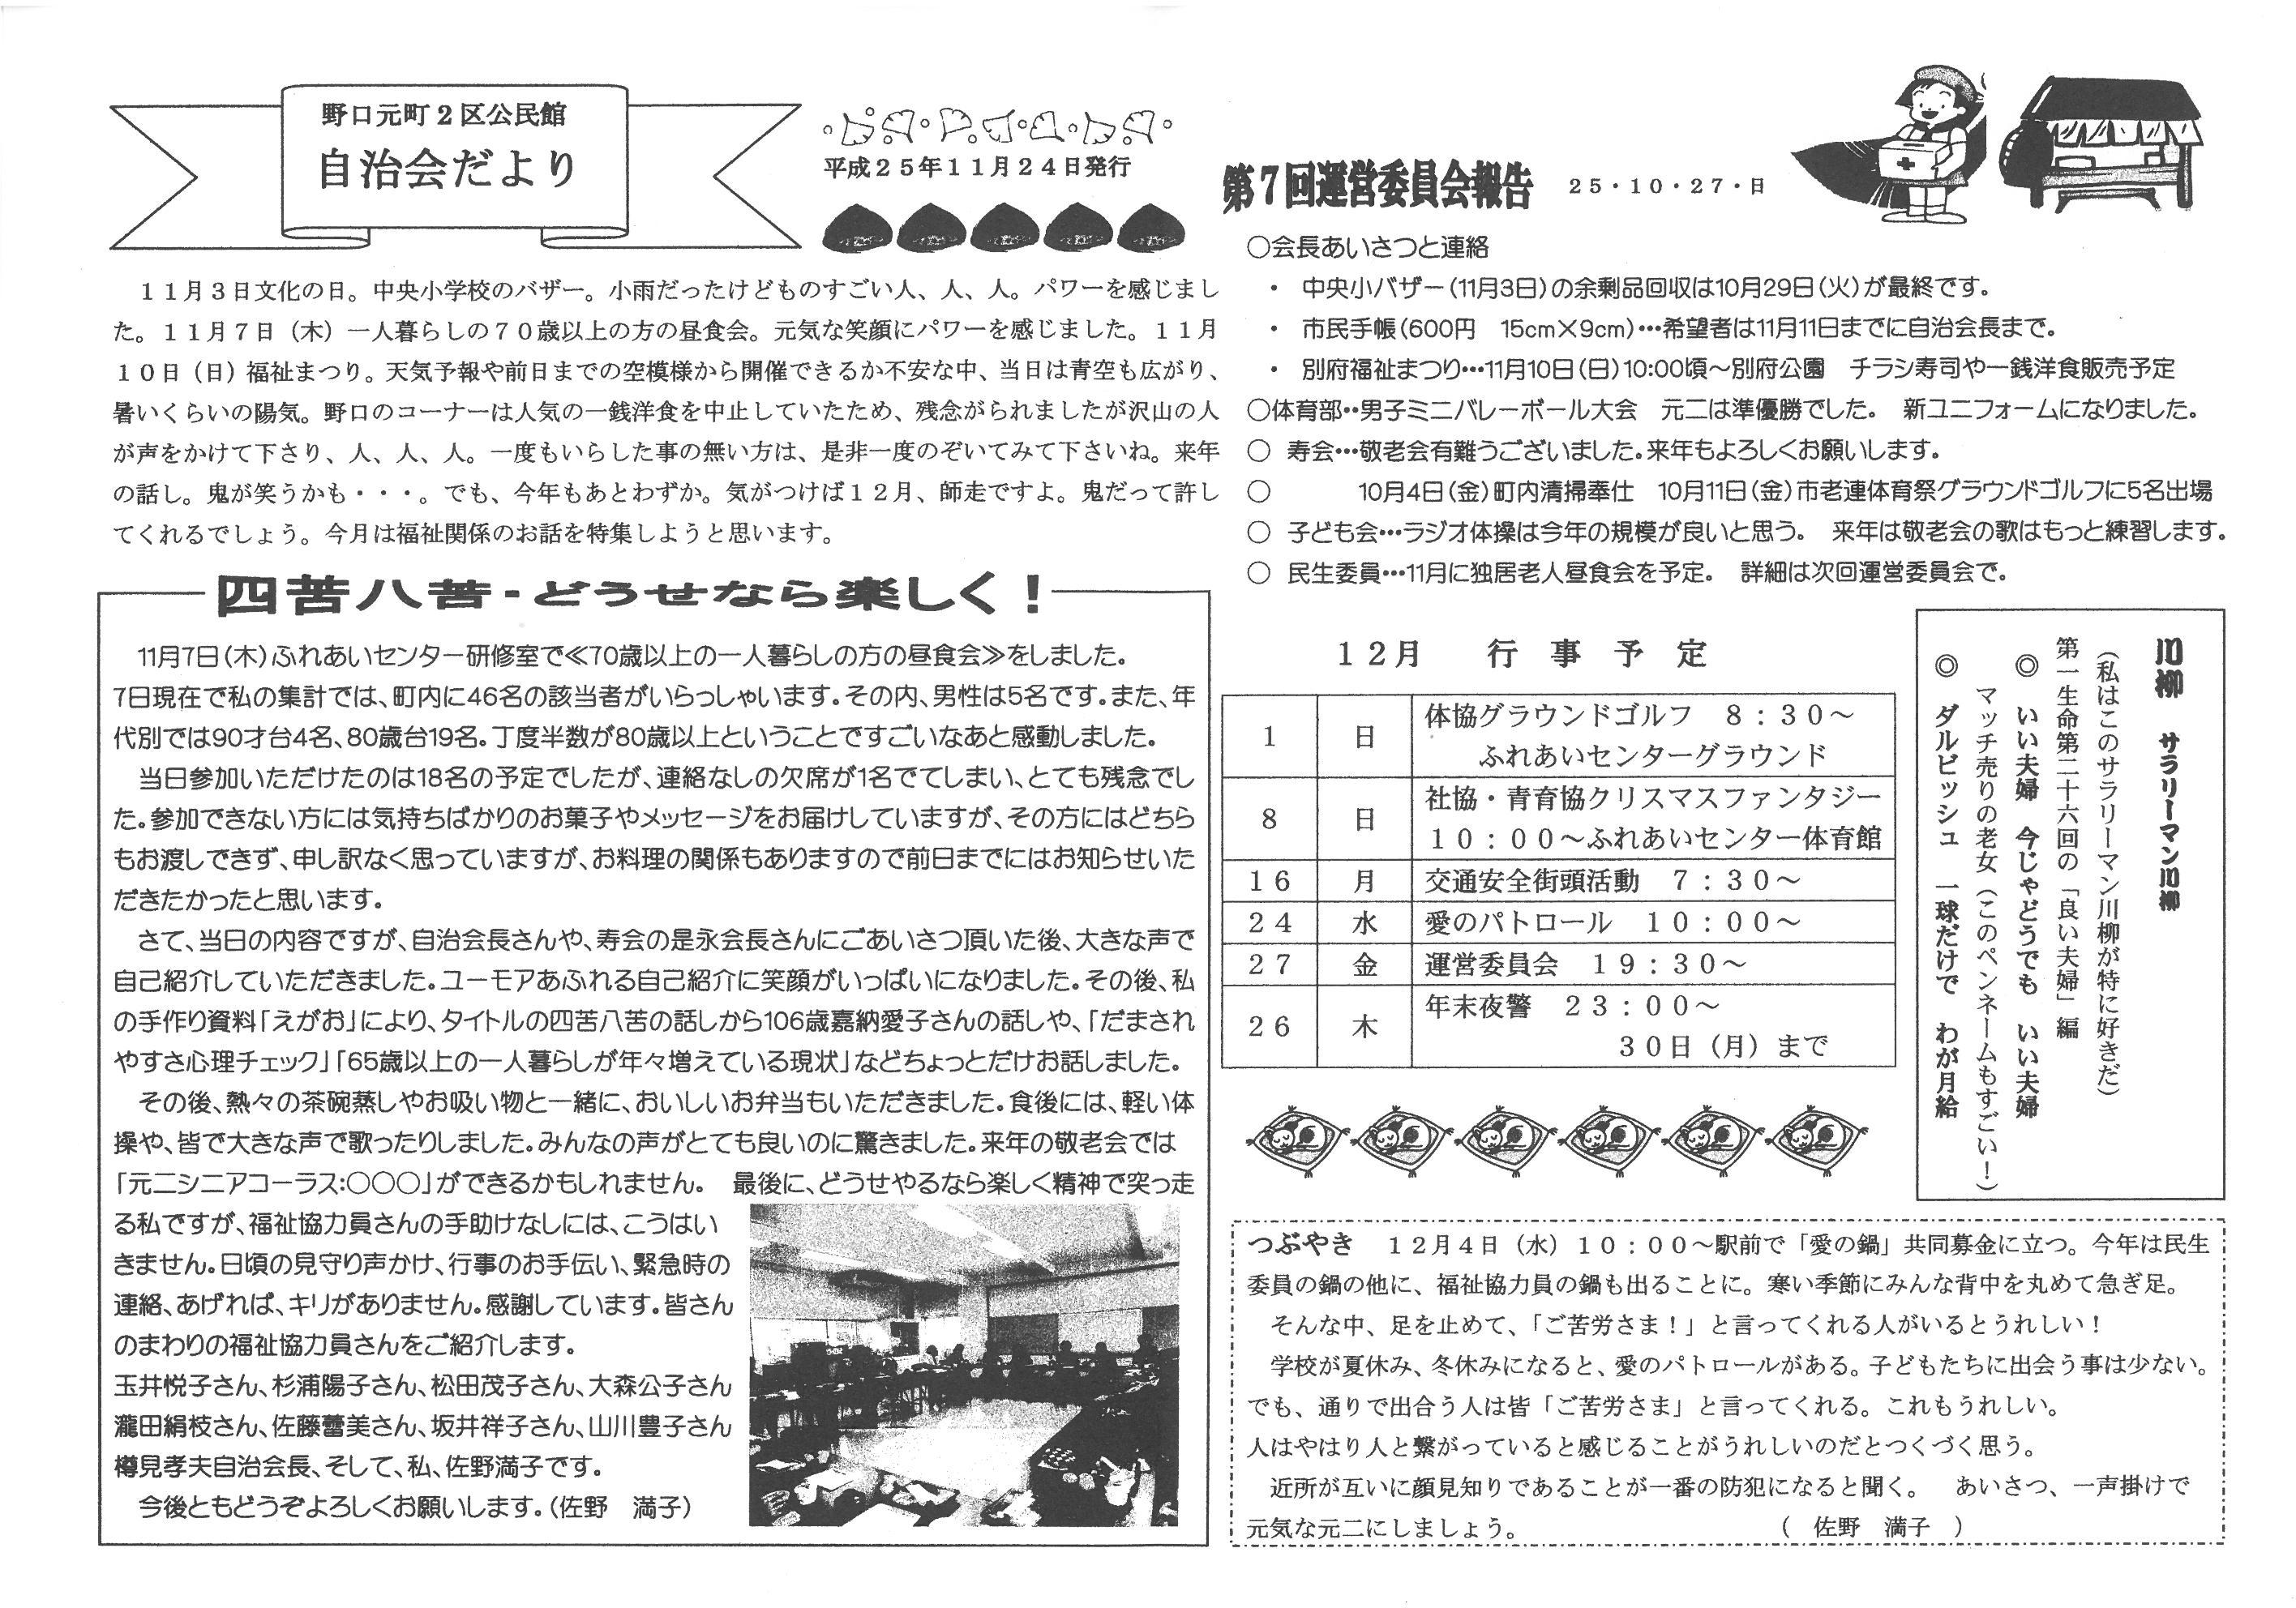 noguchimotomachi2ku_2013_12